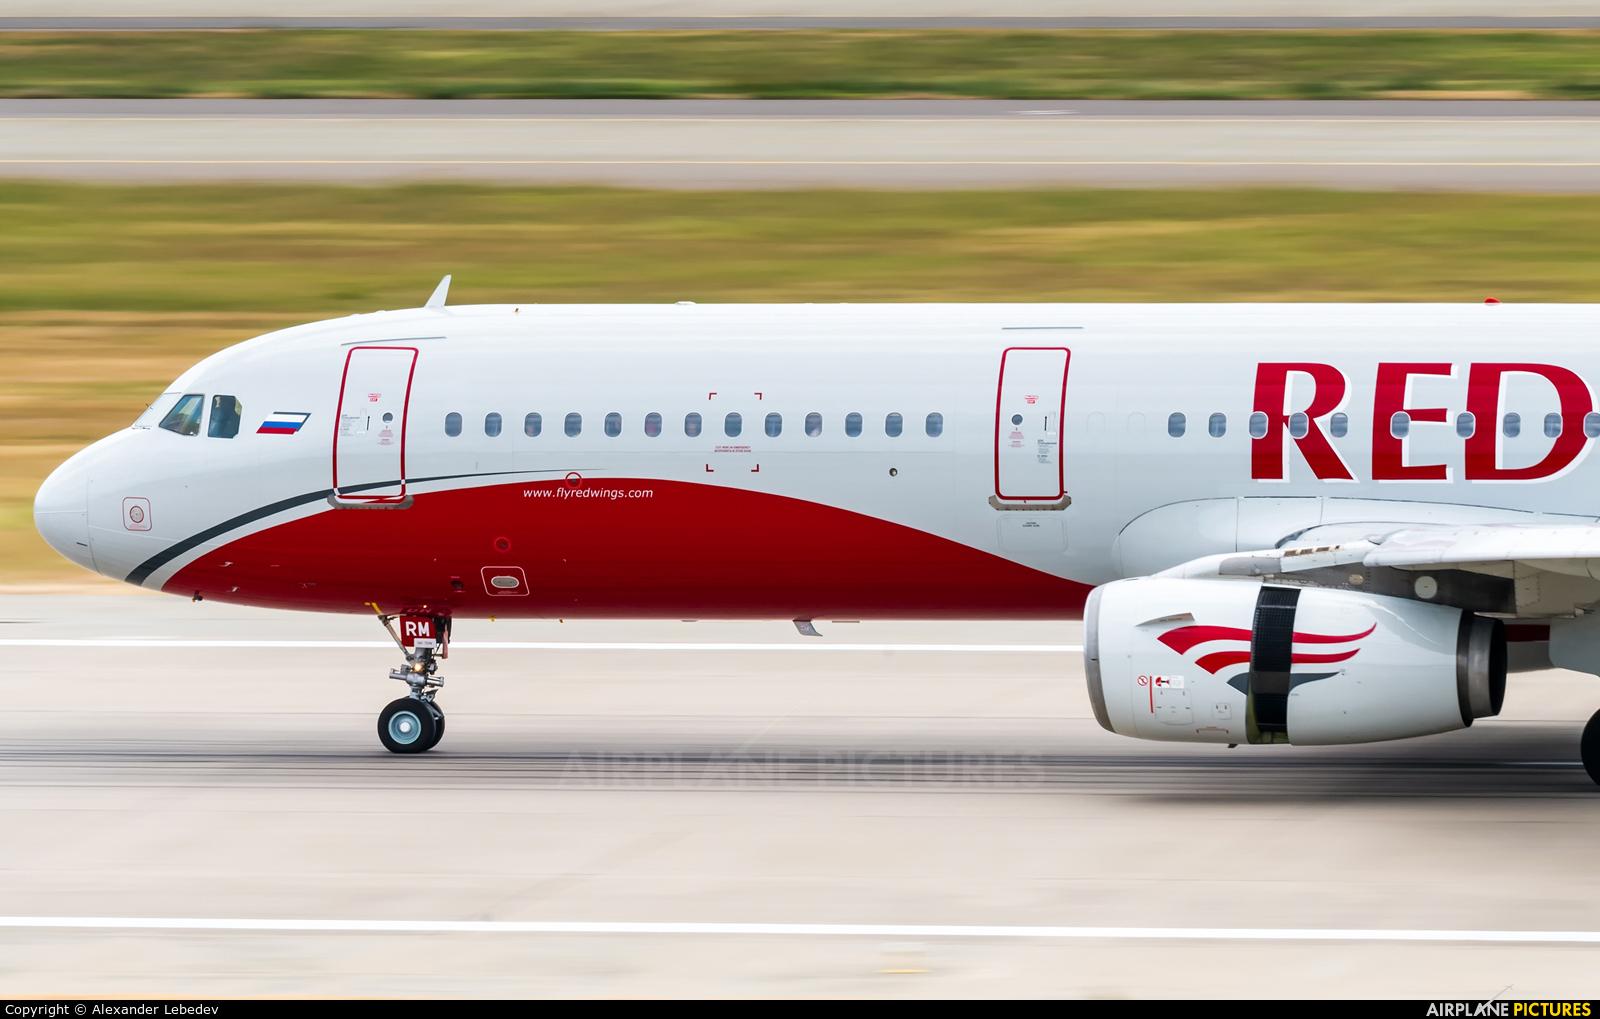 Red Wings VP-BRM aircraft at Sochi Intl